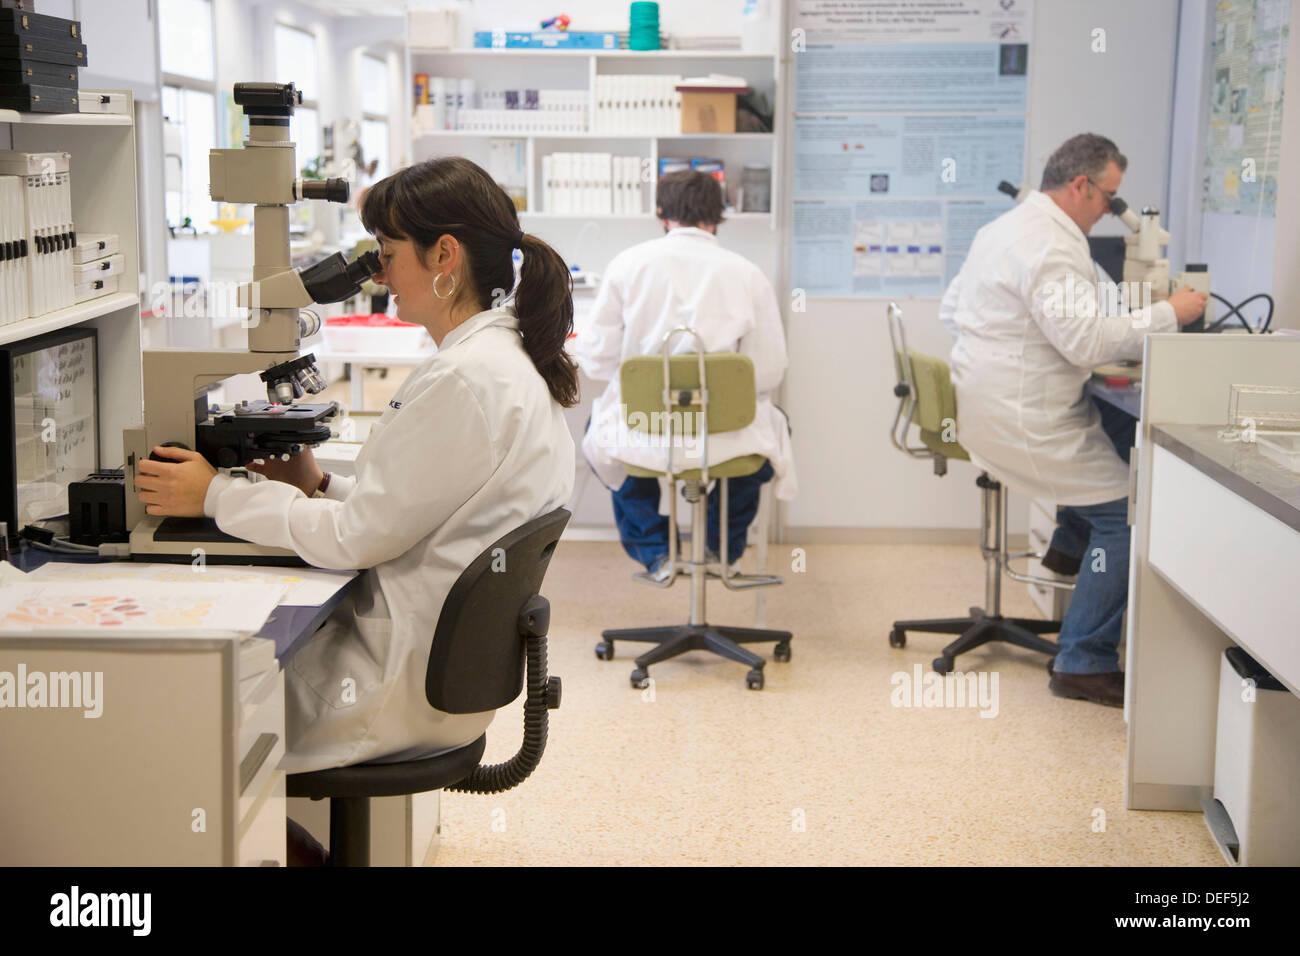 Mikroskop Beobachtung, Entomologie-Labor, Neiker Tecnalia, Instituto de Investigación y Desarrollo Agrario Ganadero, Stockfoto